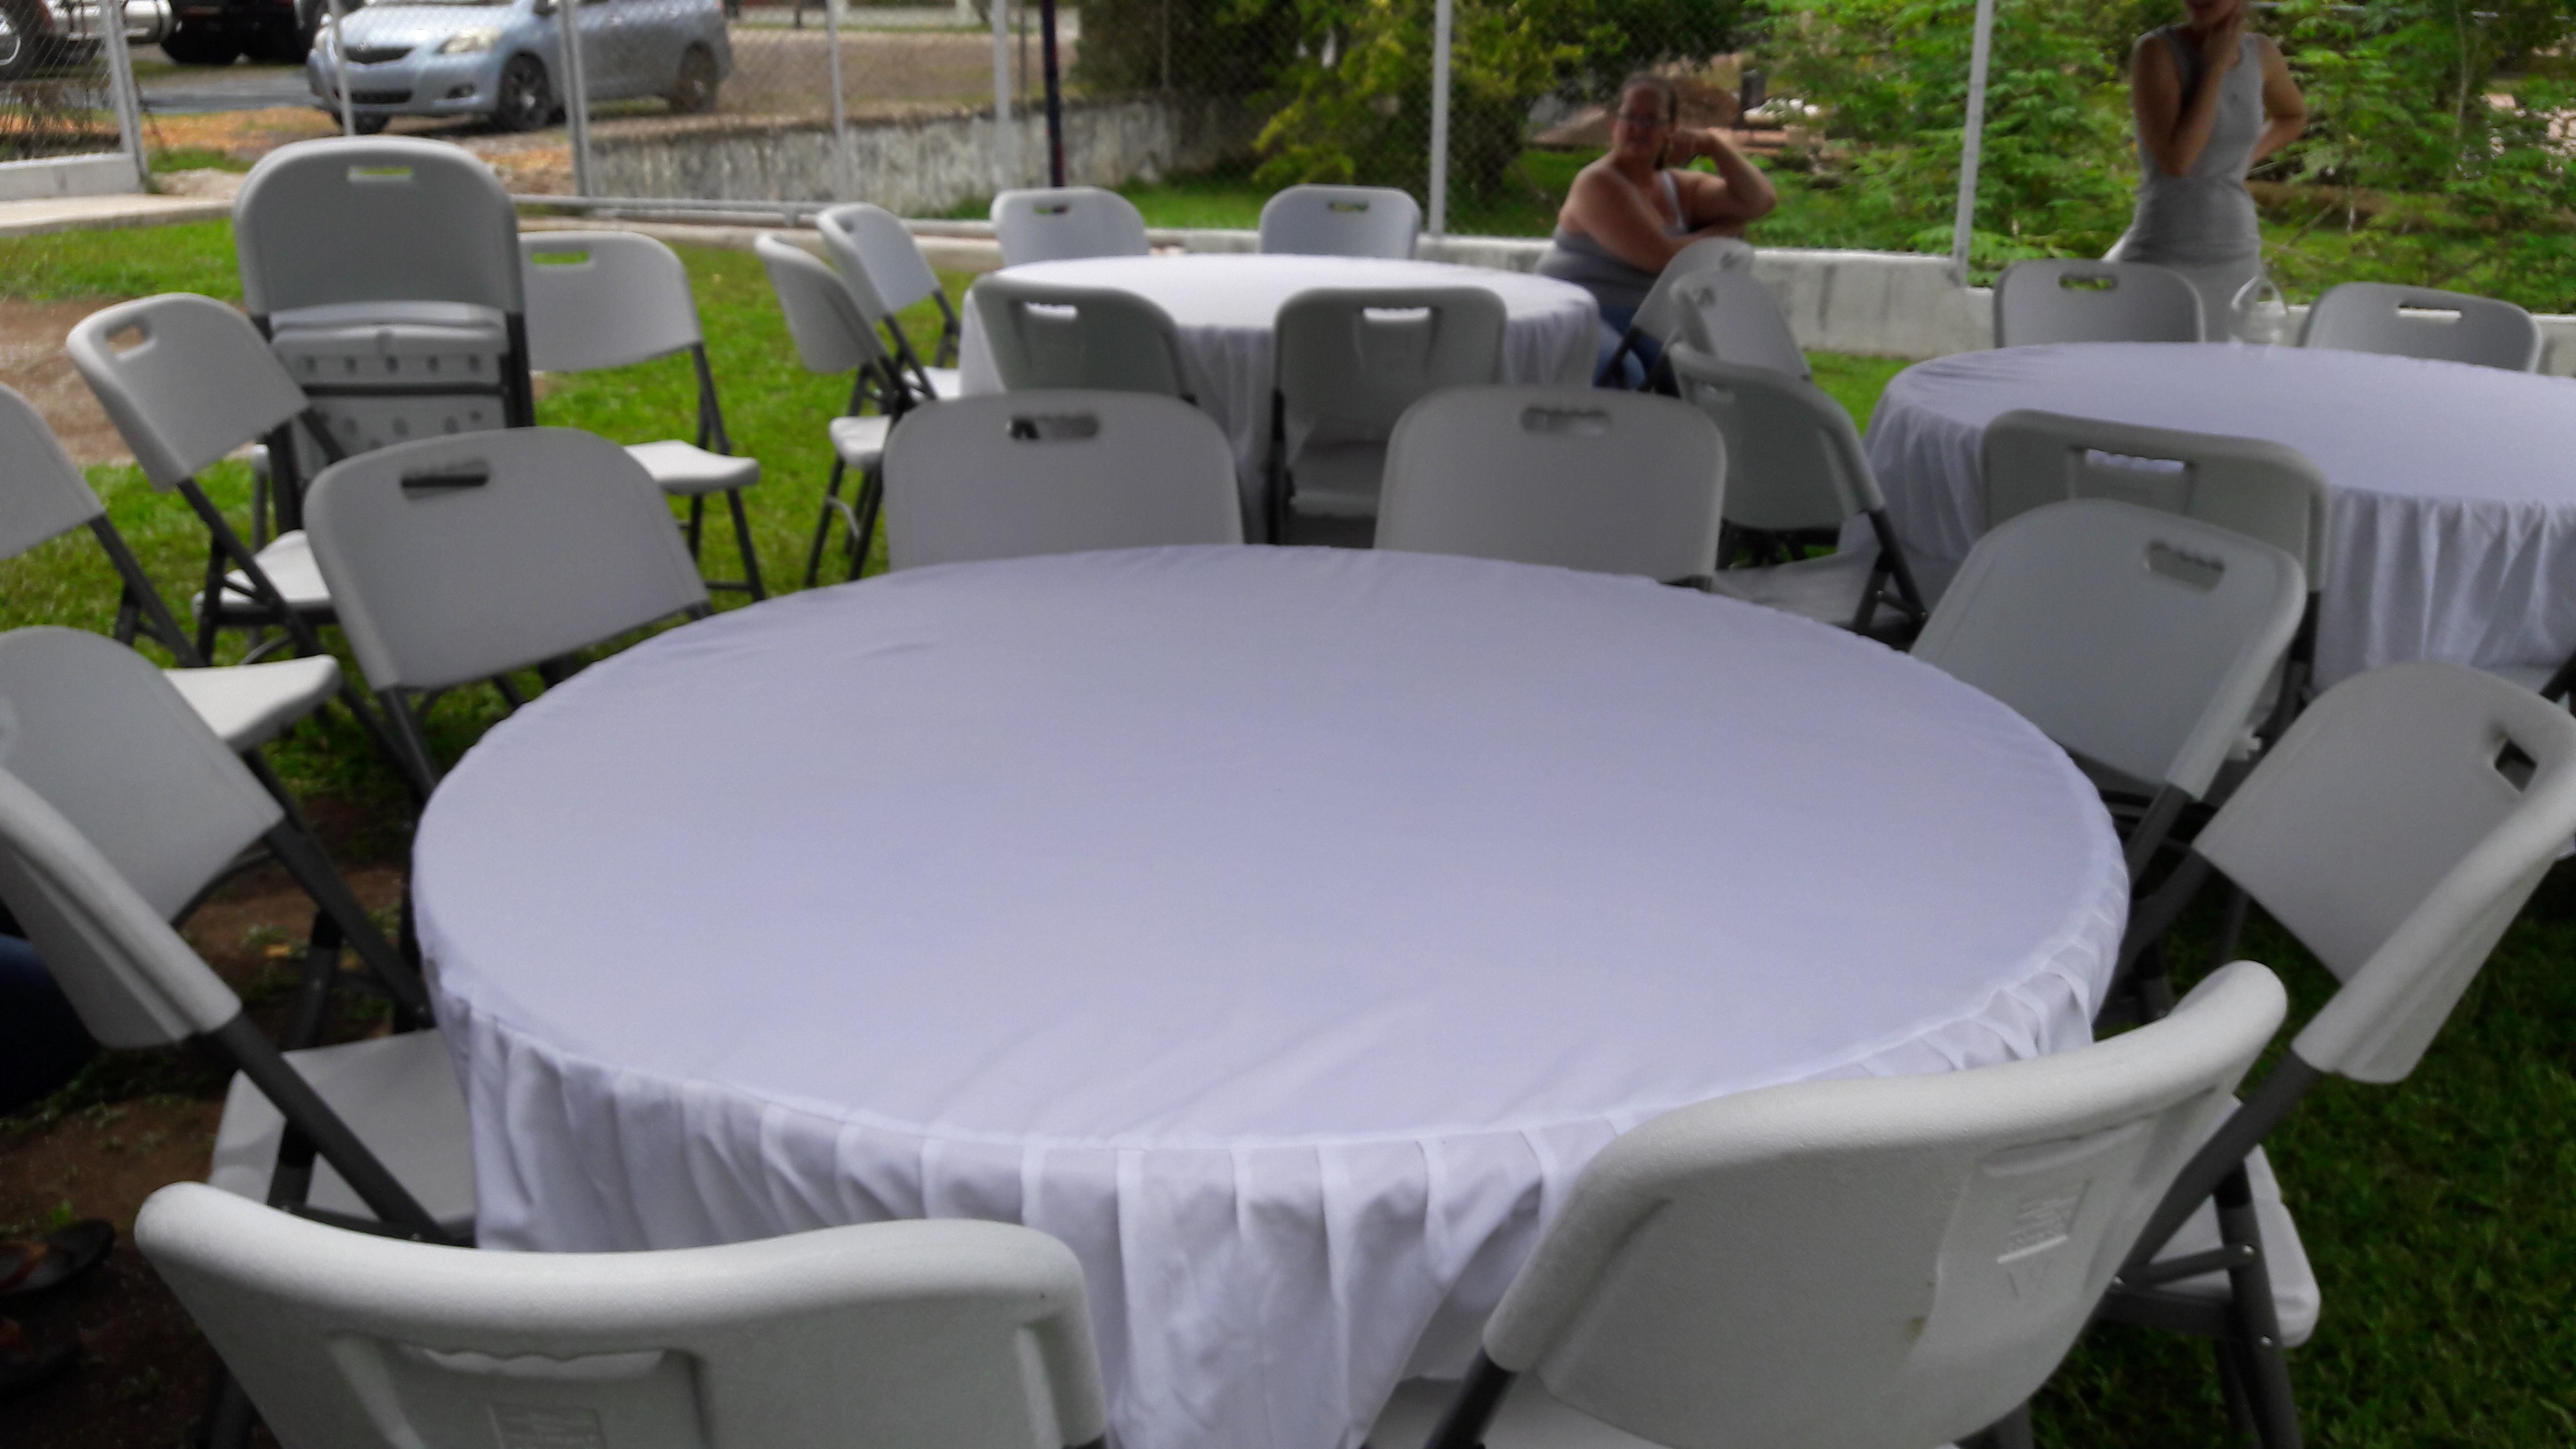 Alquiler De Mesas Y Sillas En Sevilla T8dj Alquiler Mesas Y Sillas Sevilla Alquiler Sillas Banquetas Mesas